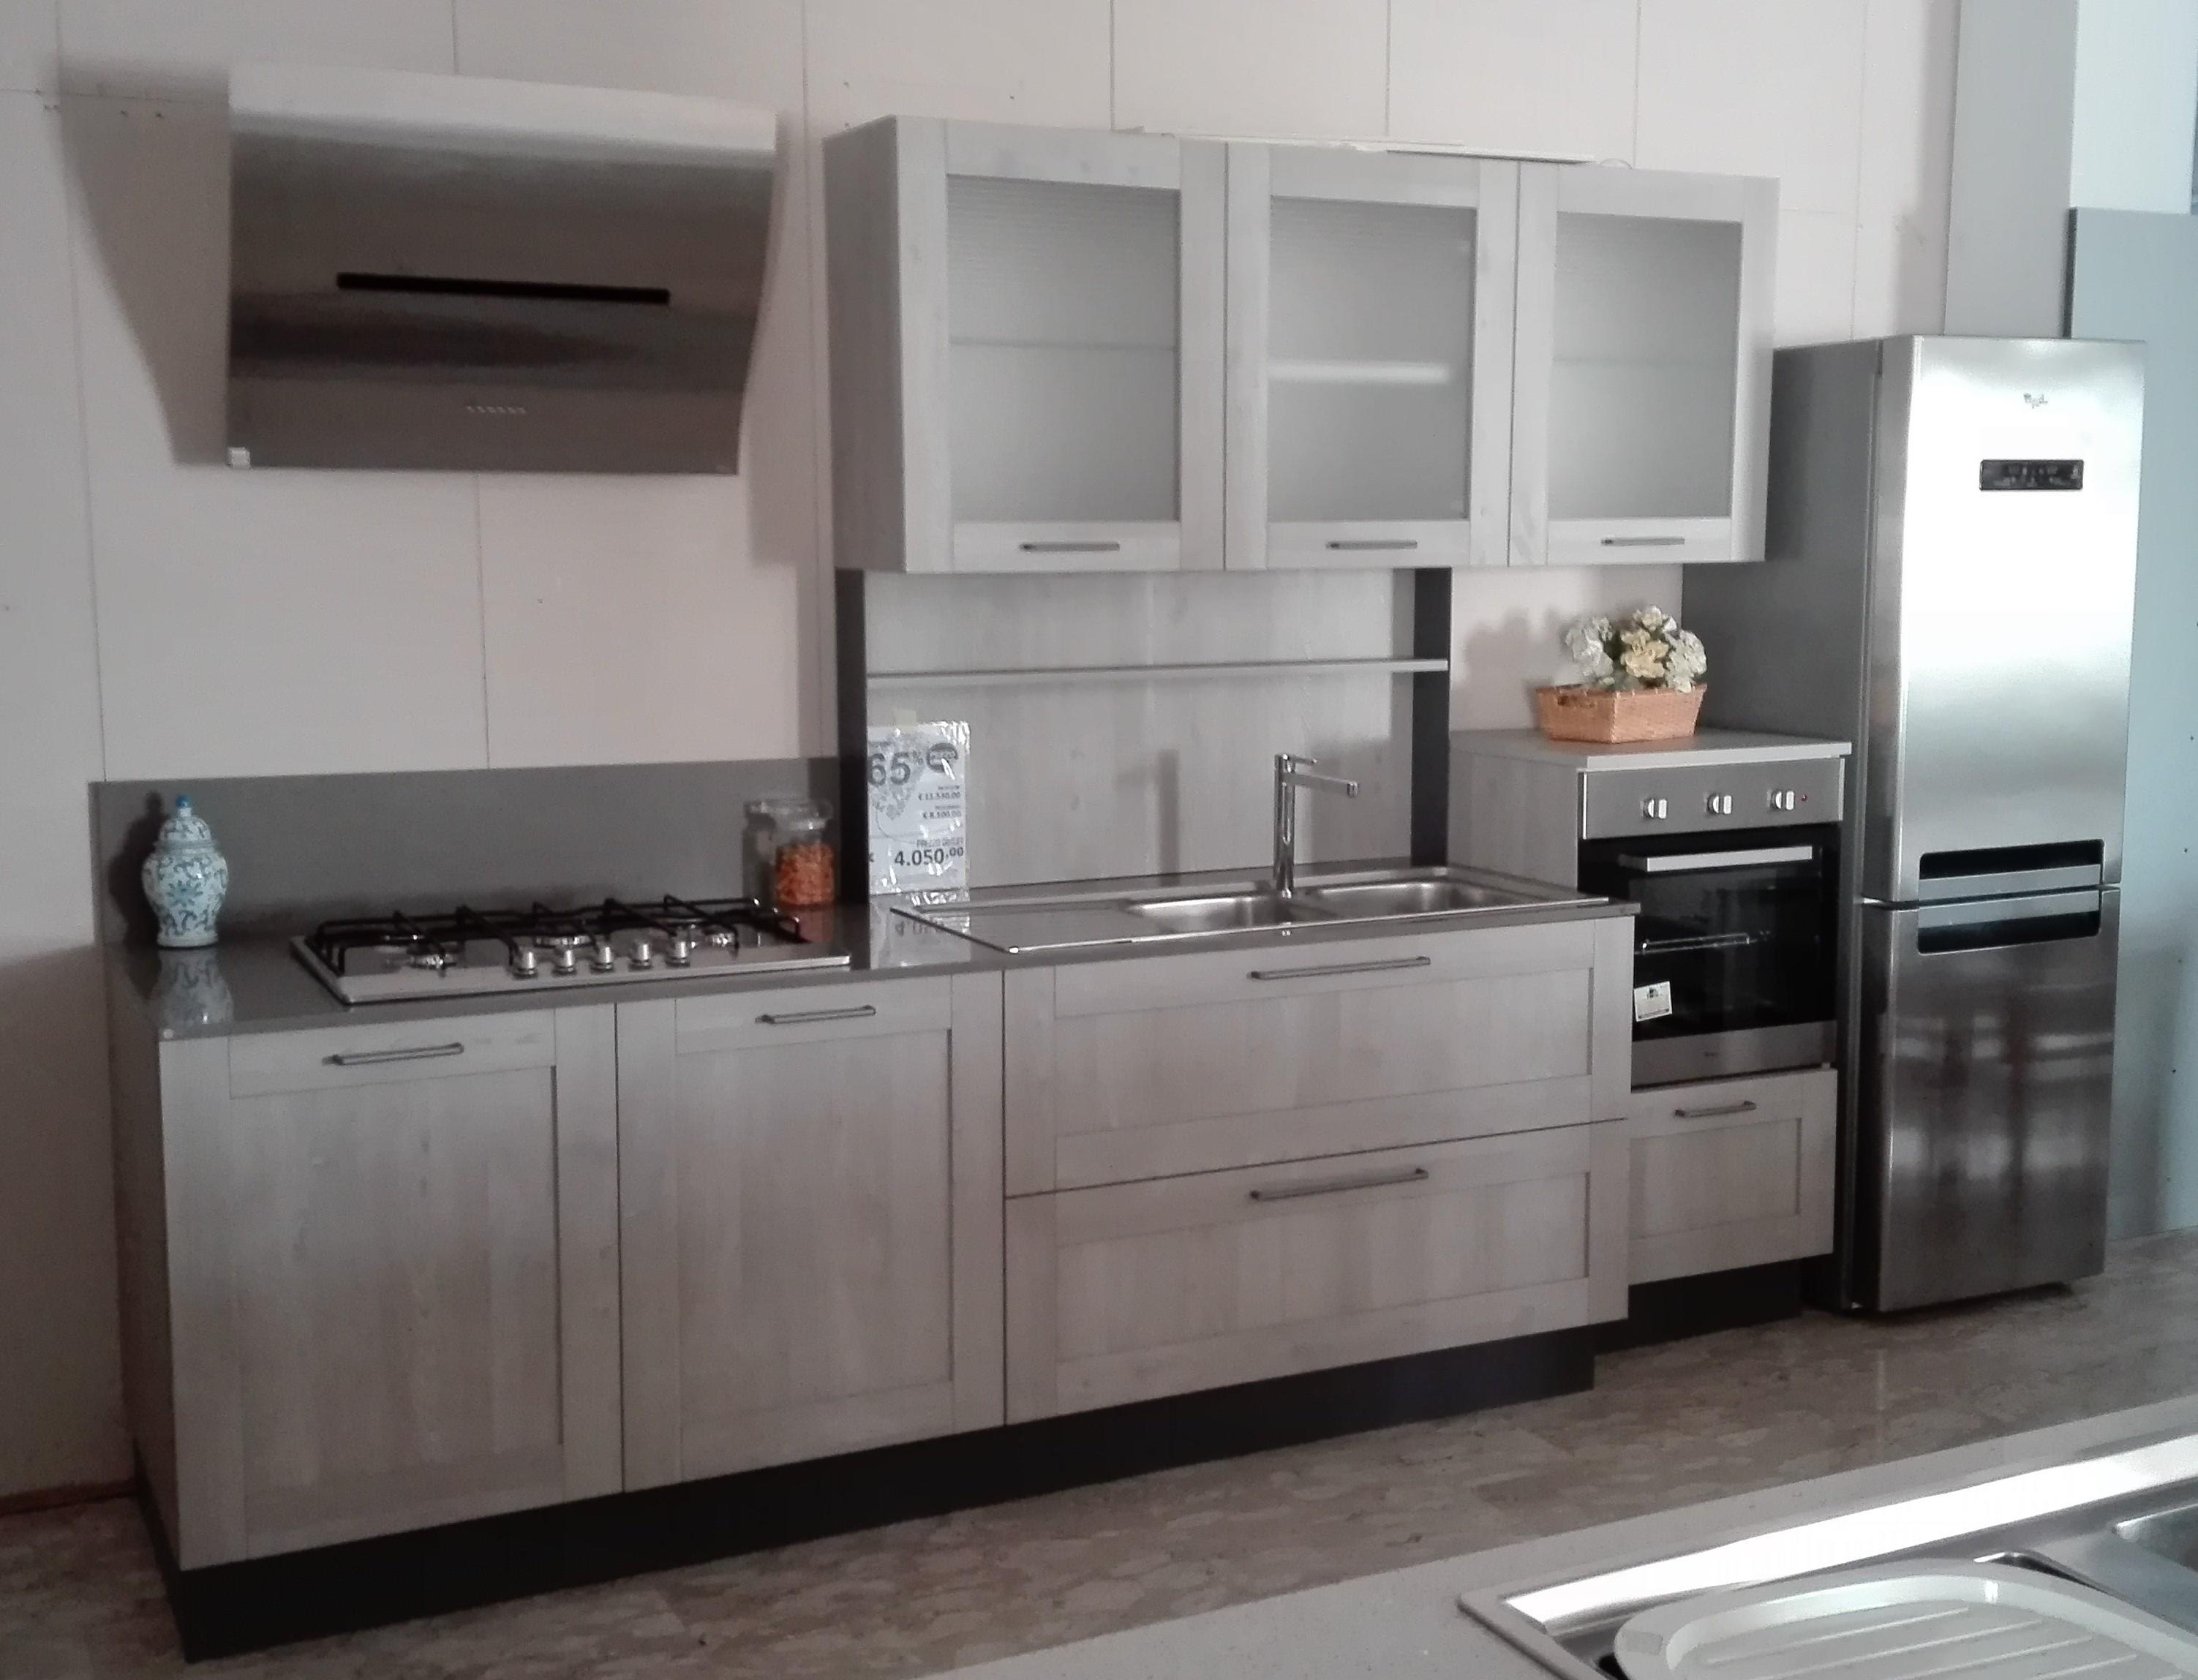 Stosa cucine cucina maya scontato del 65 cucine a - Cucine con frigo esterno ...